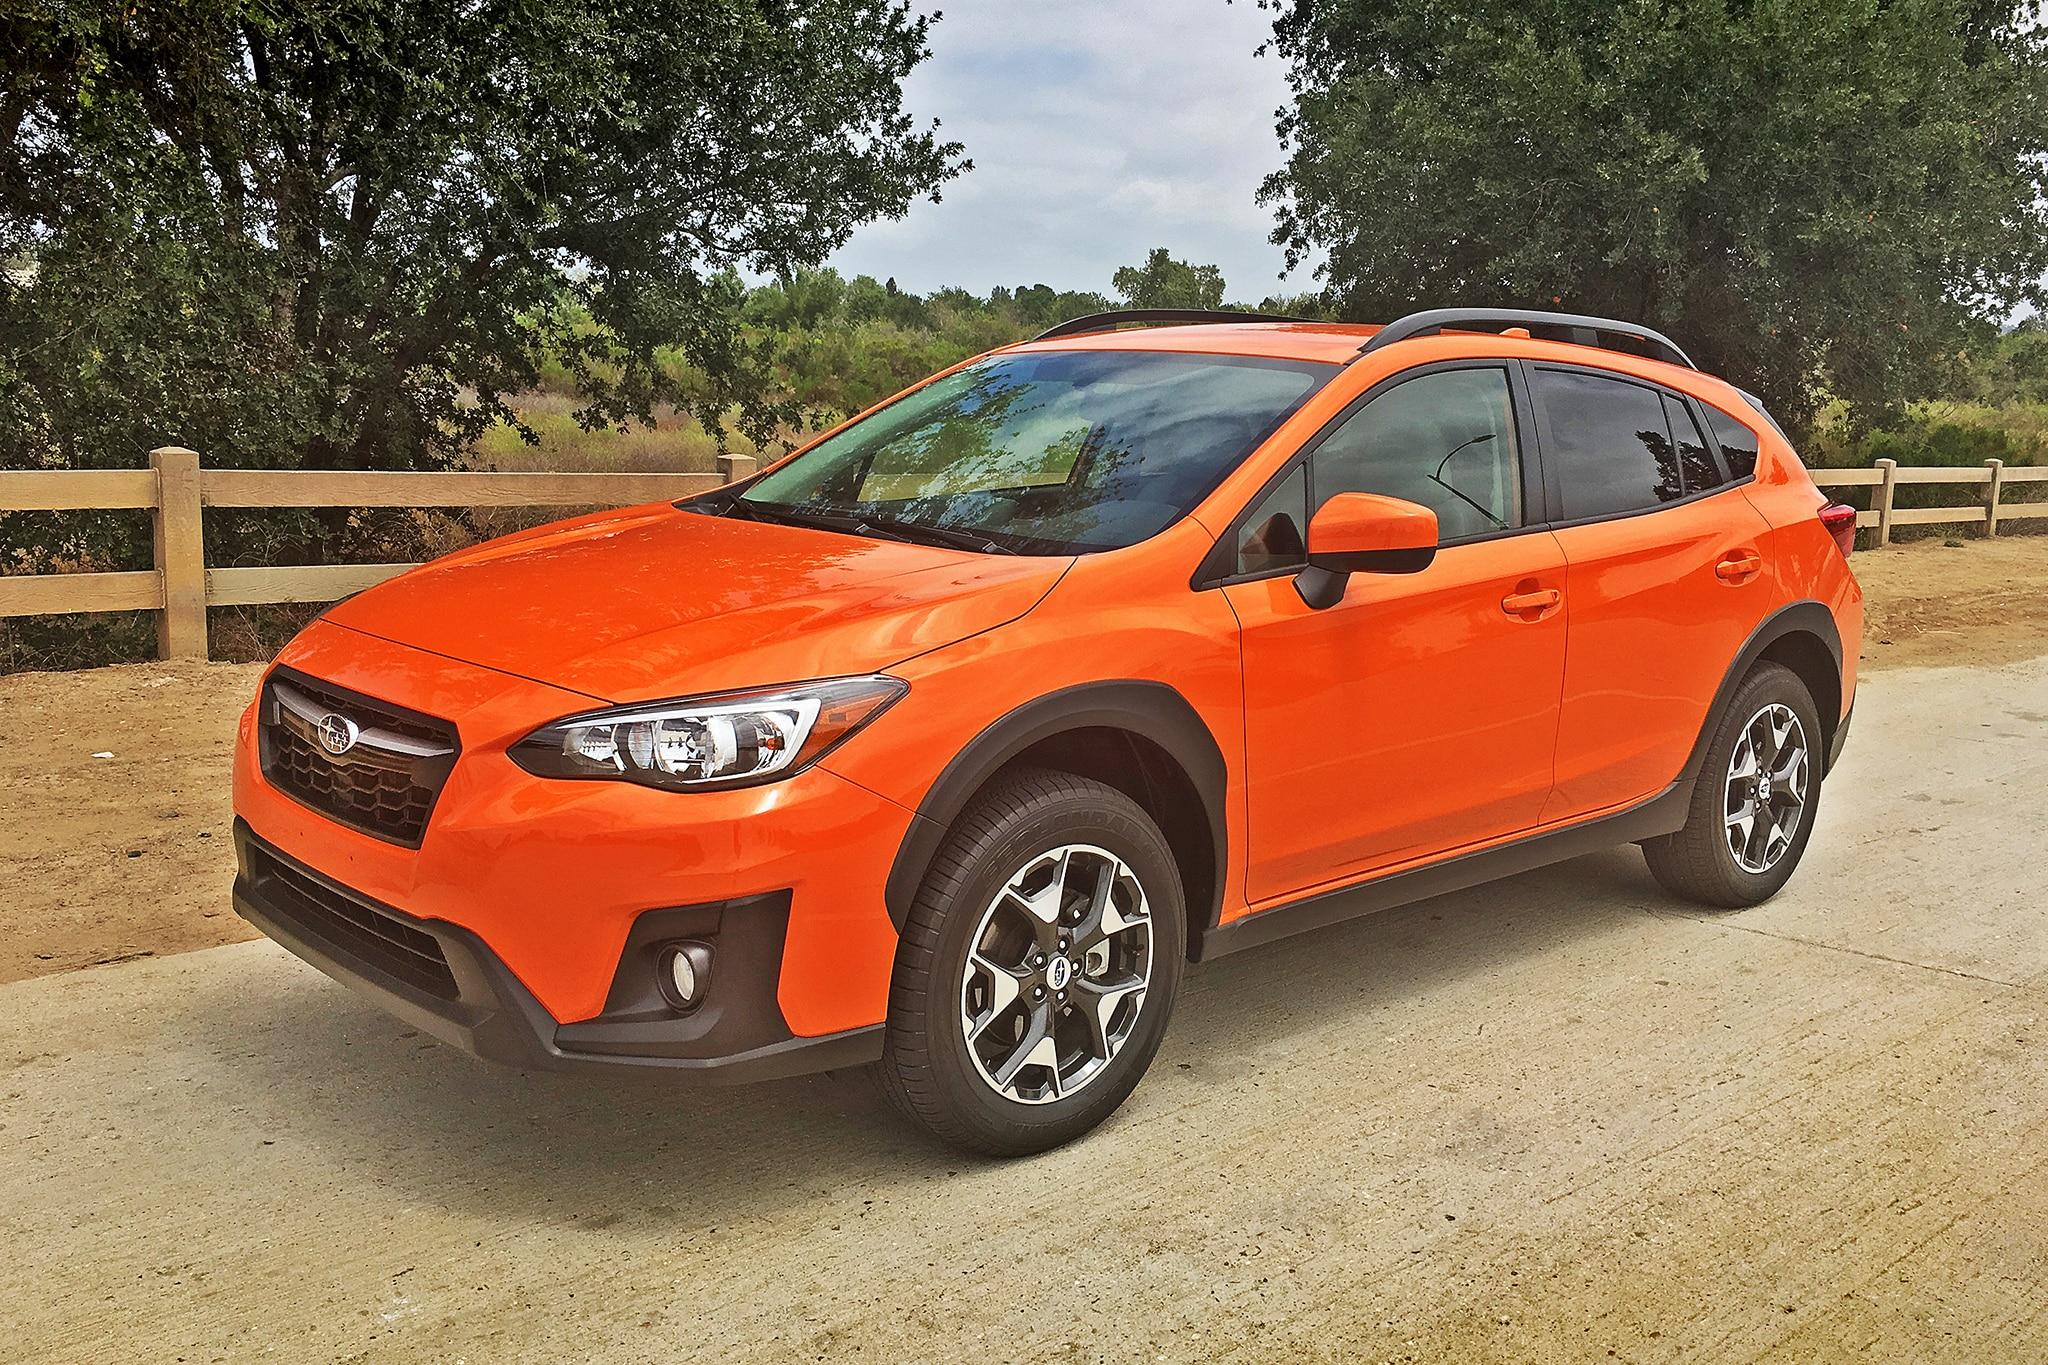 2018 Subaru Crosstrek 2 0i Premium One Week Review